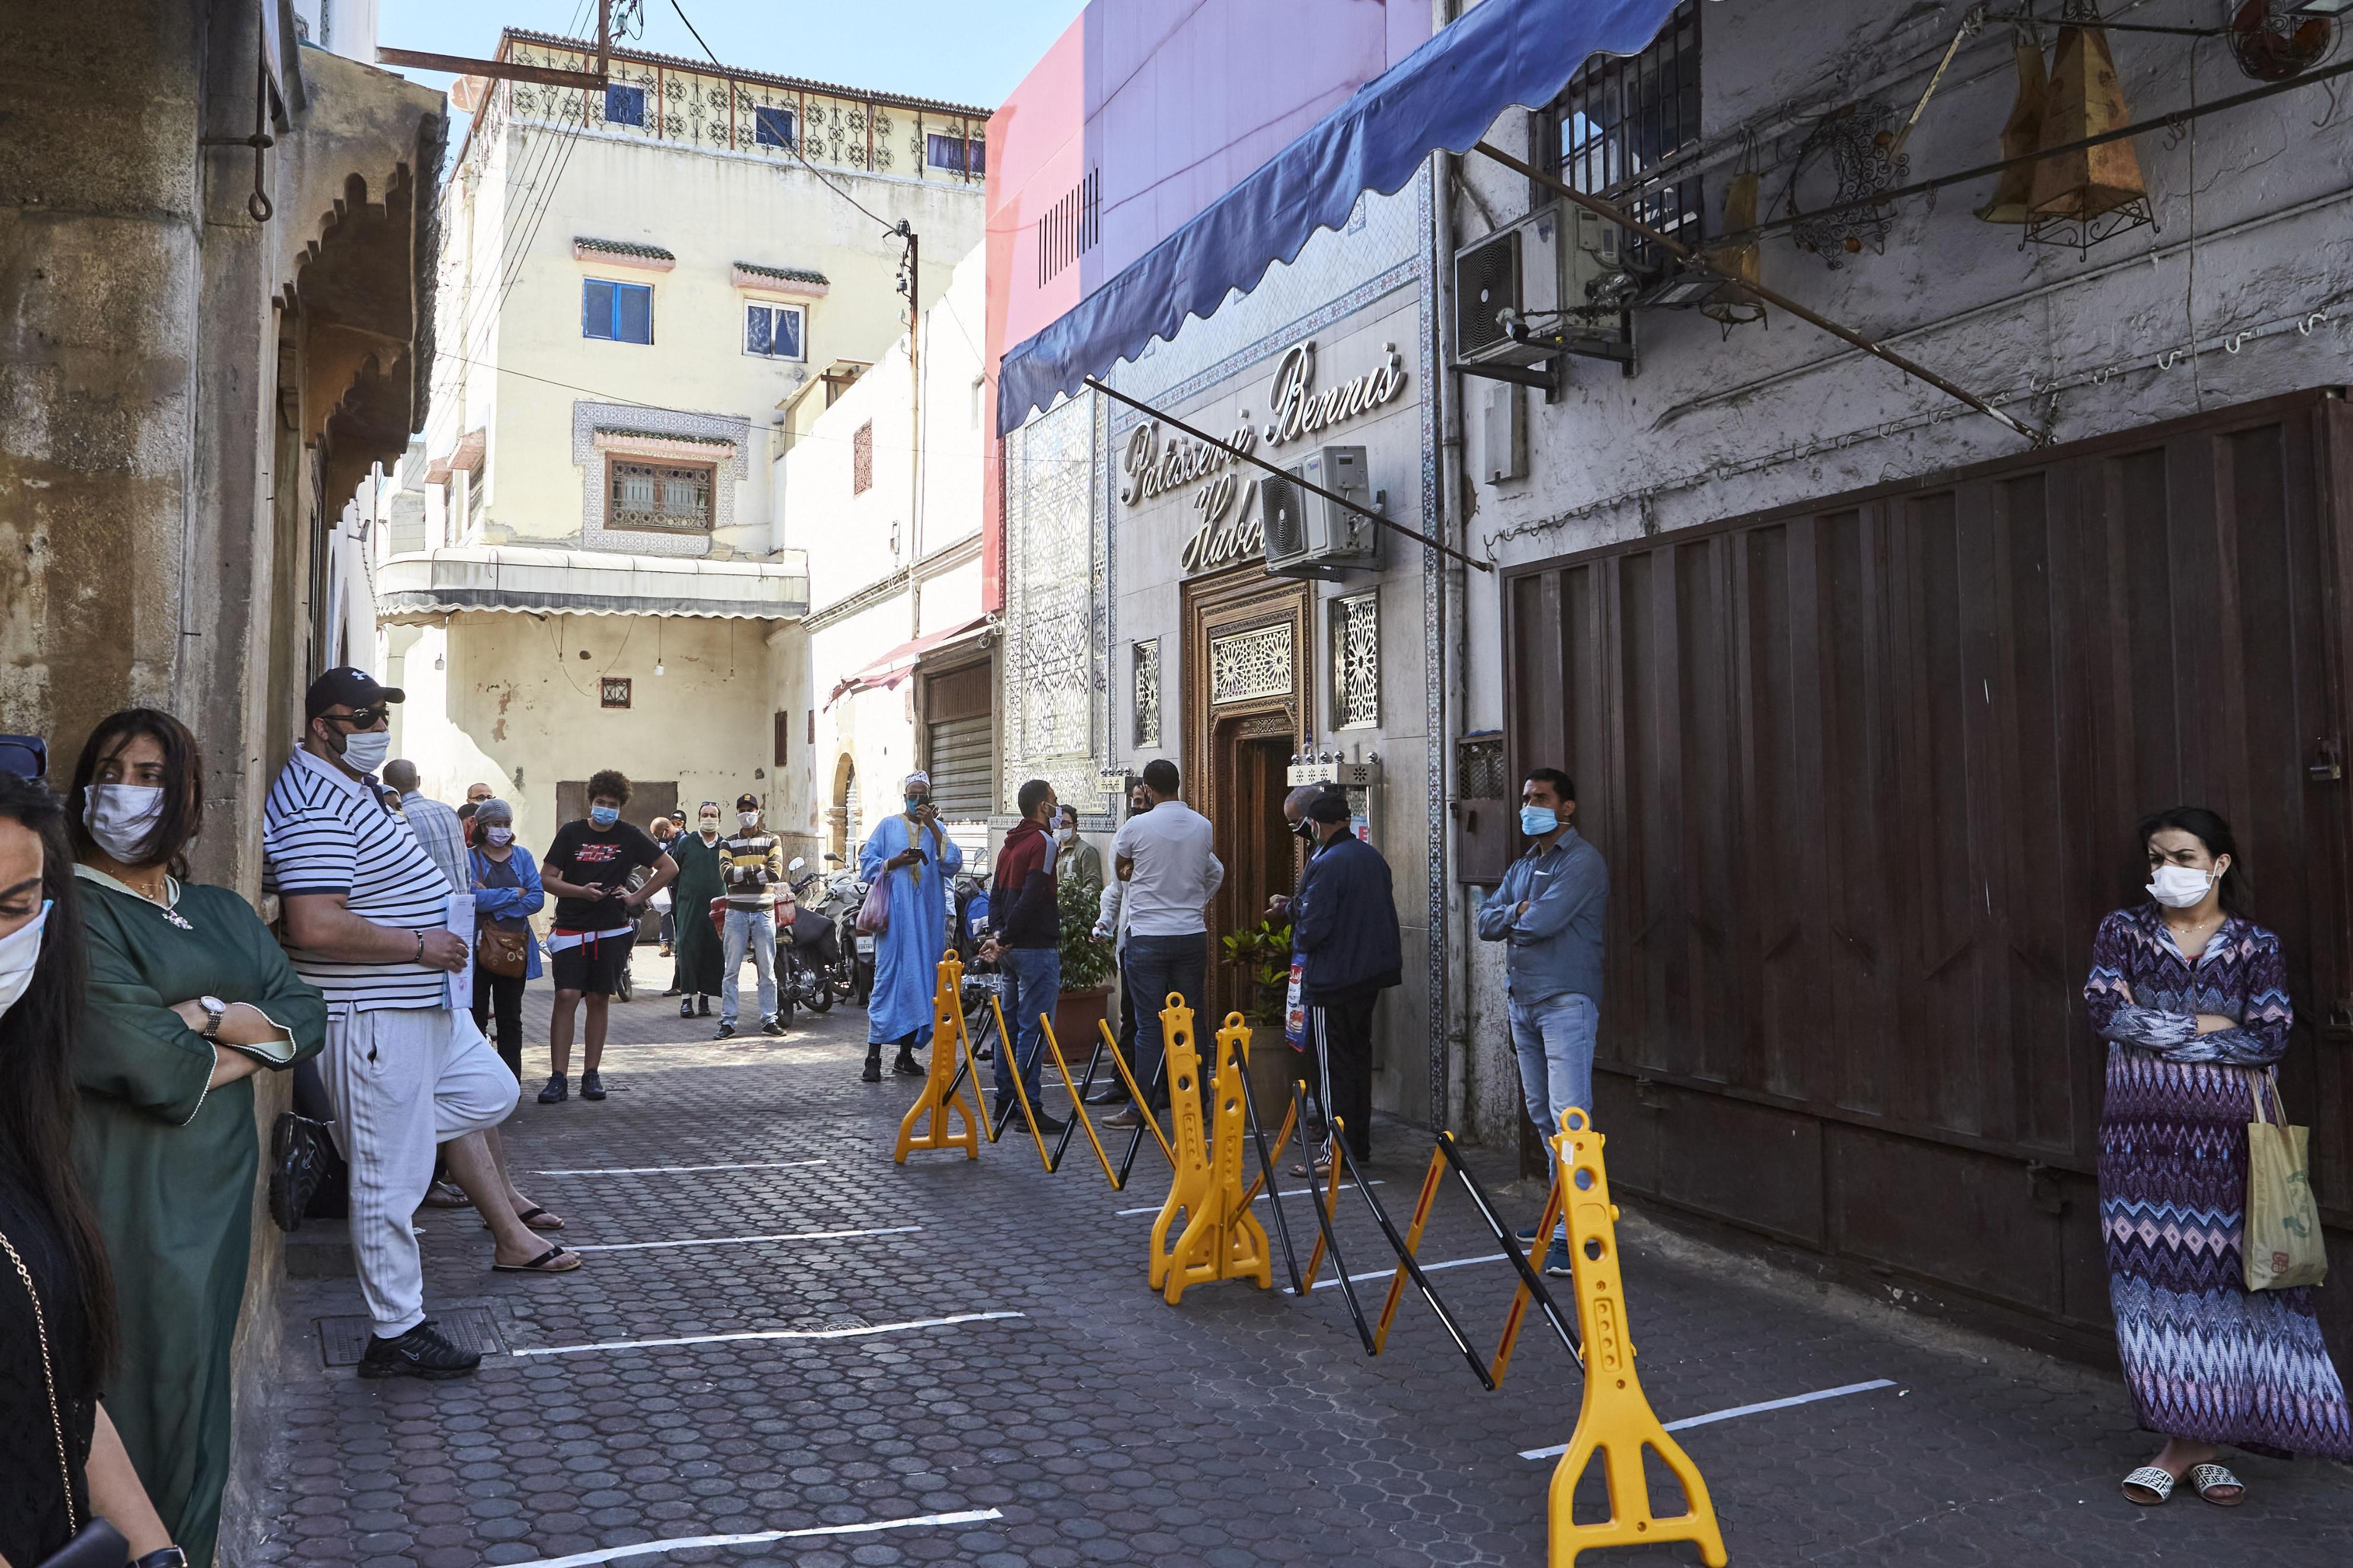 23日、モロッコ・カサブランカで、マスクを着用して洋菓子店の前に並ぶ人々(AP=共同)